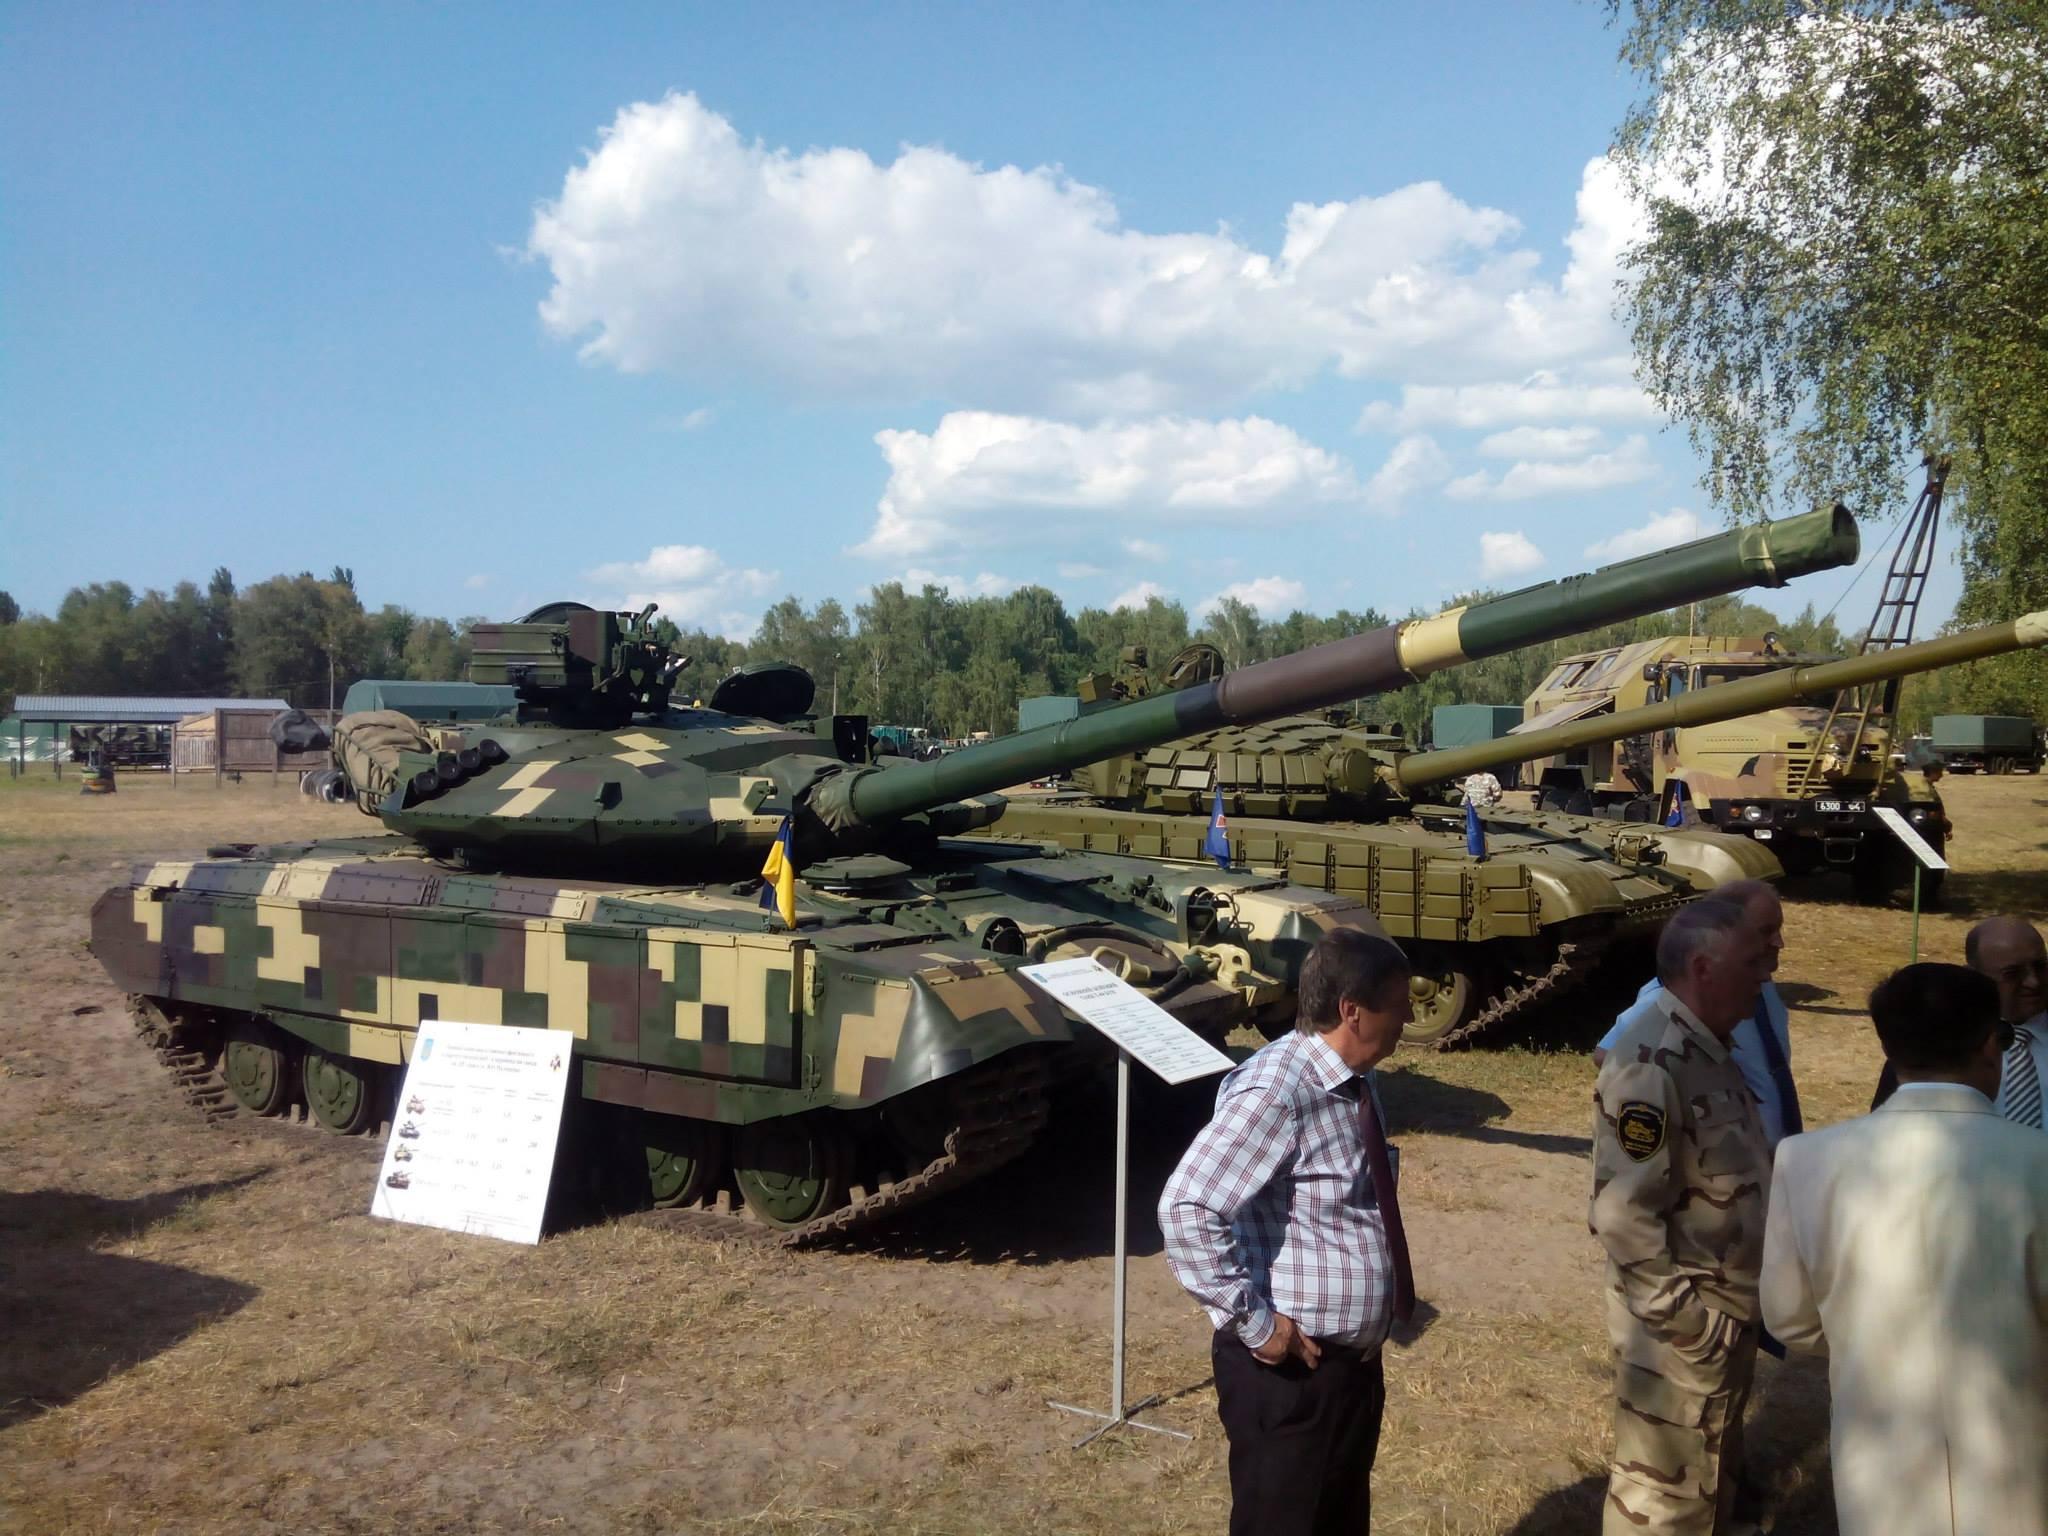 И пару танков. В том числе - последняя модификация Т64, с усиленной броней и противокумулятивными модулями